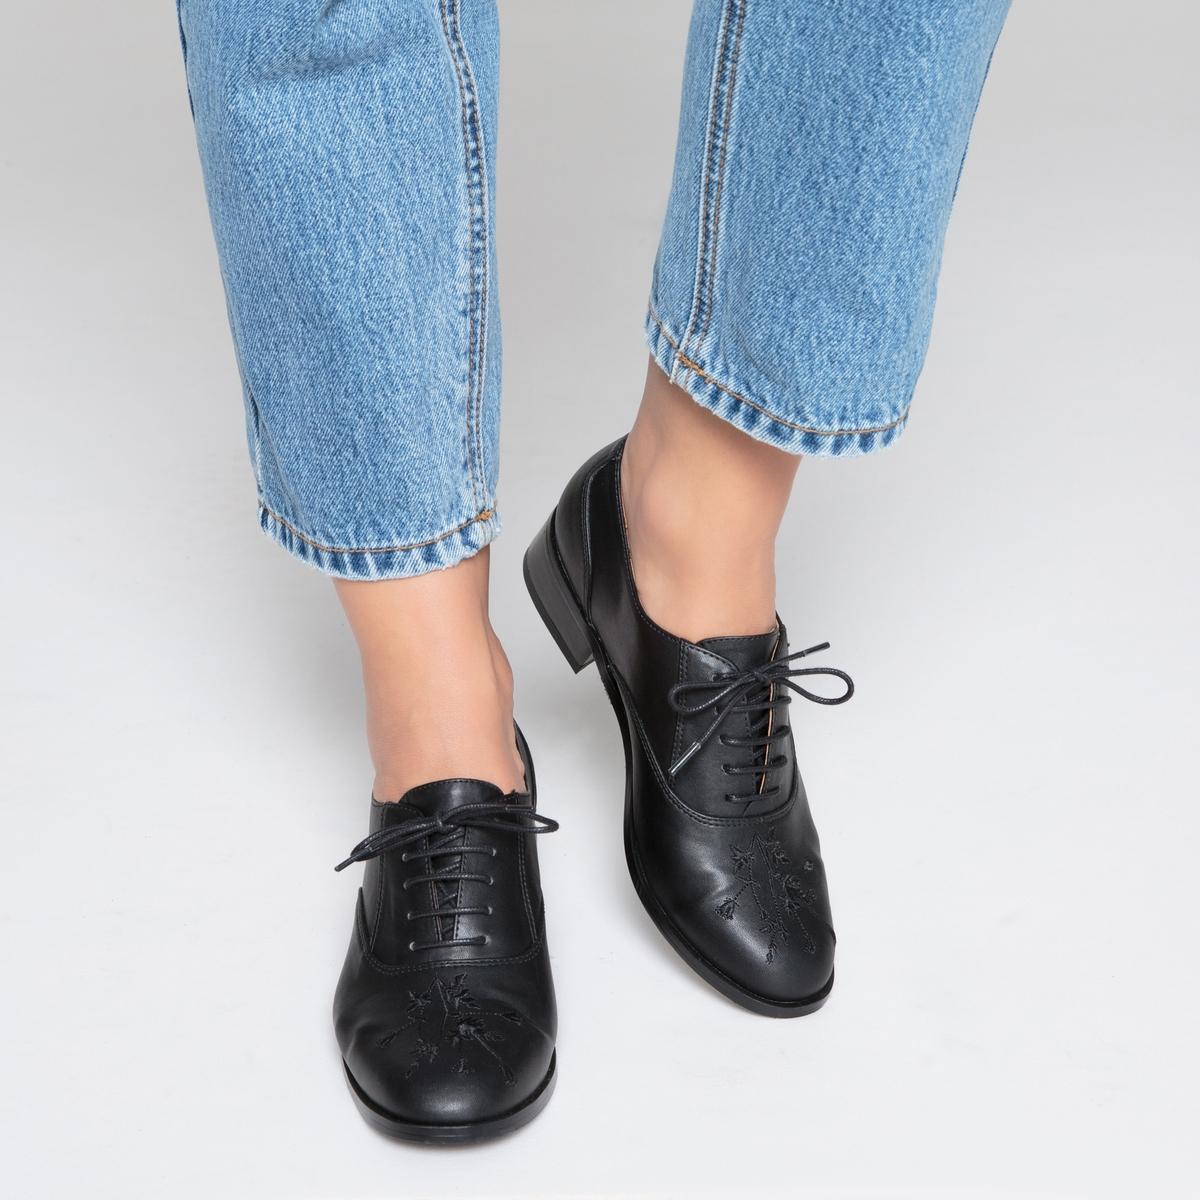 Ботинки-дерби с вышивкой ботинки дерби под кожу питона